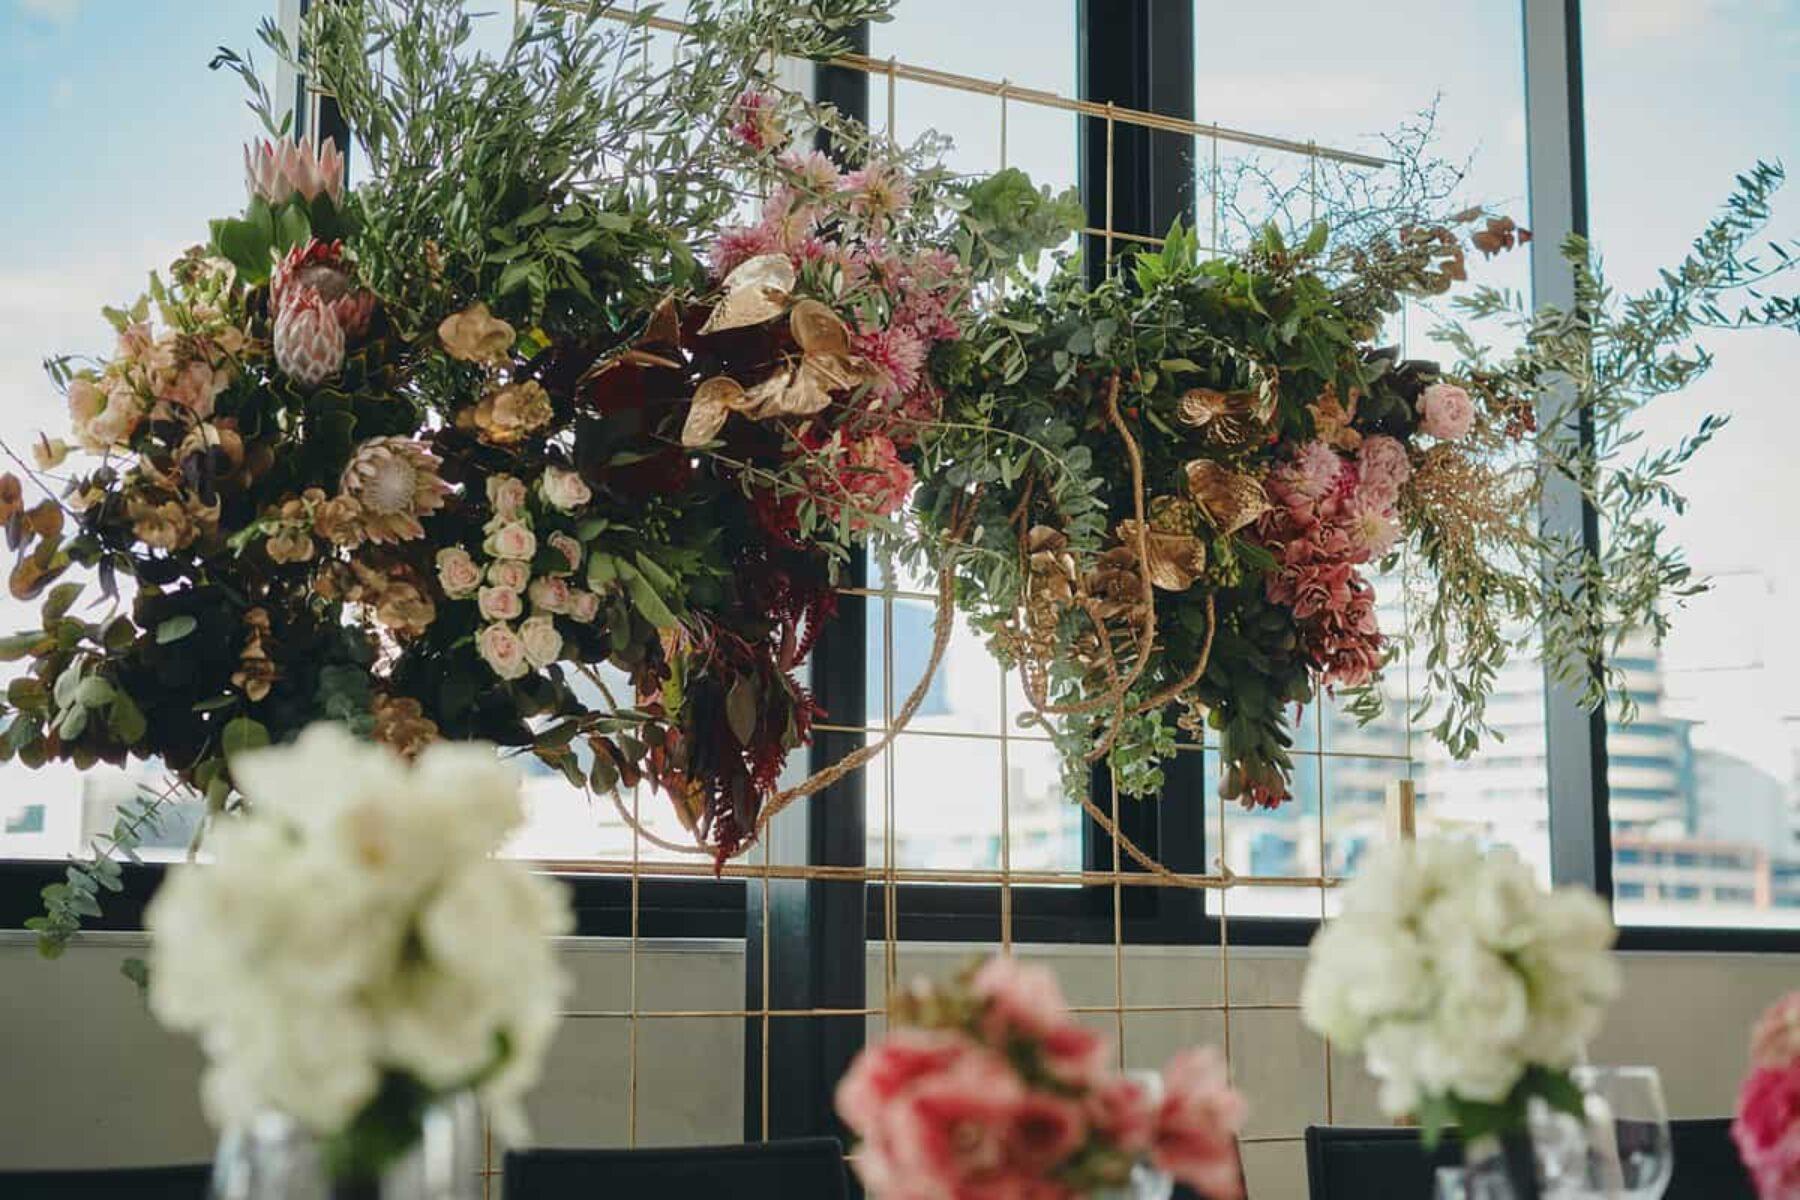 Creative Melbourne wedding florist Pomp & Splendour